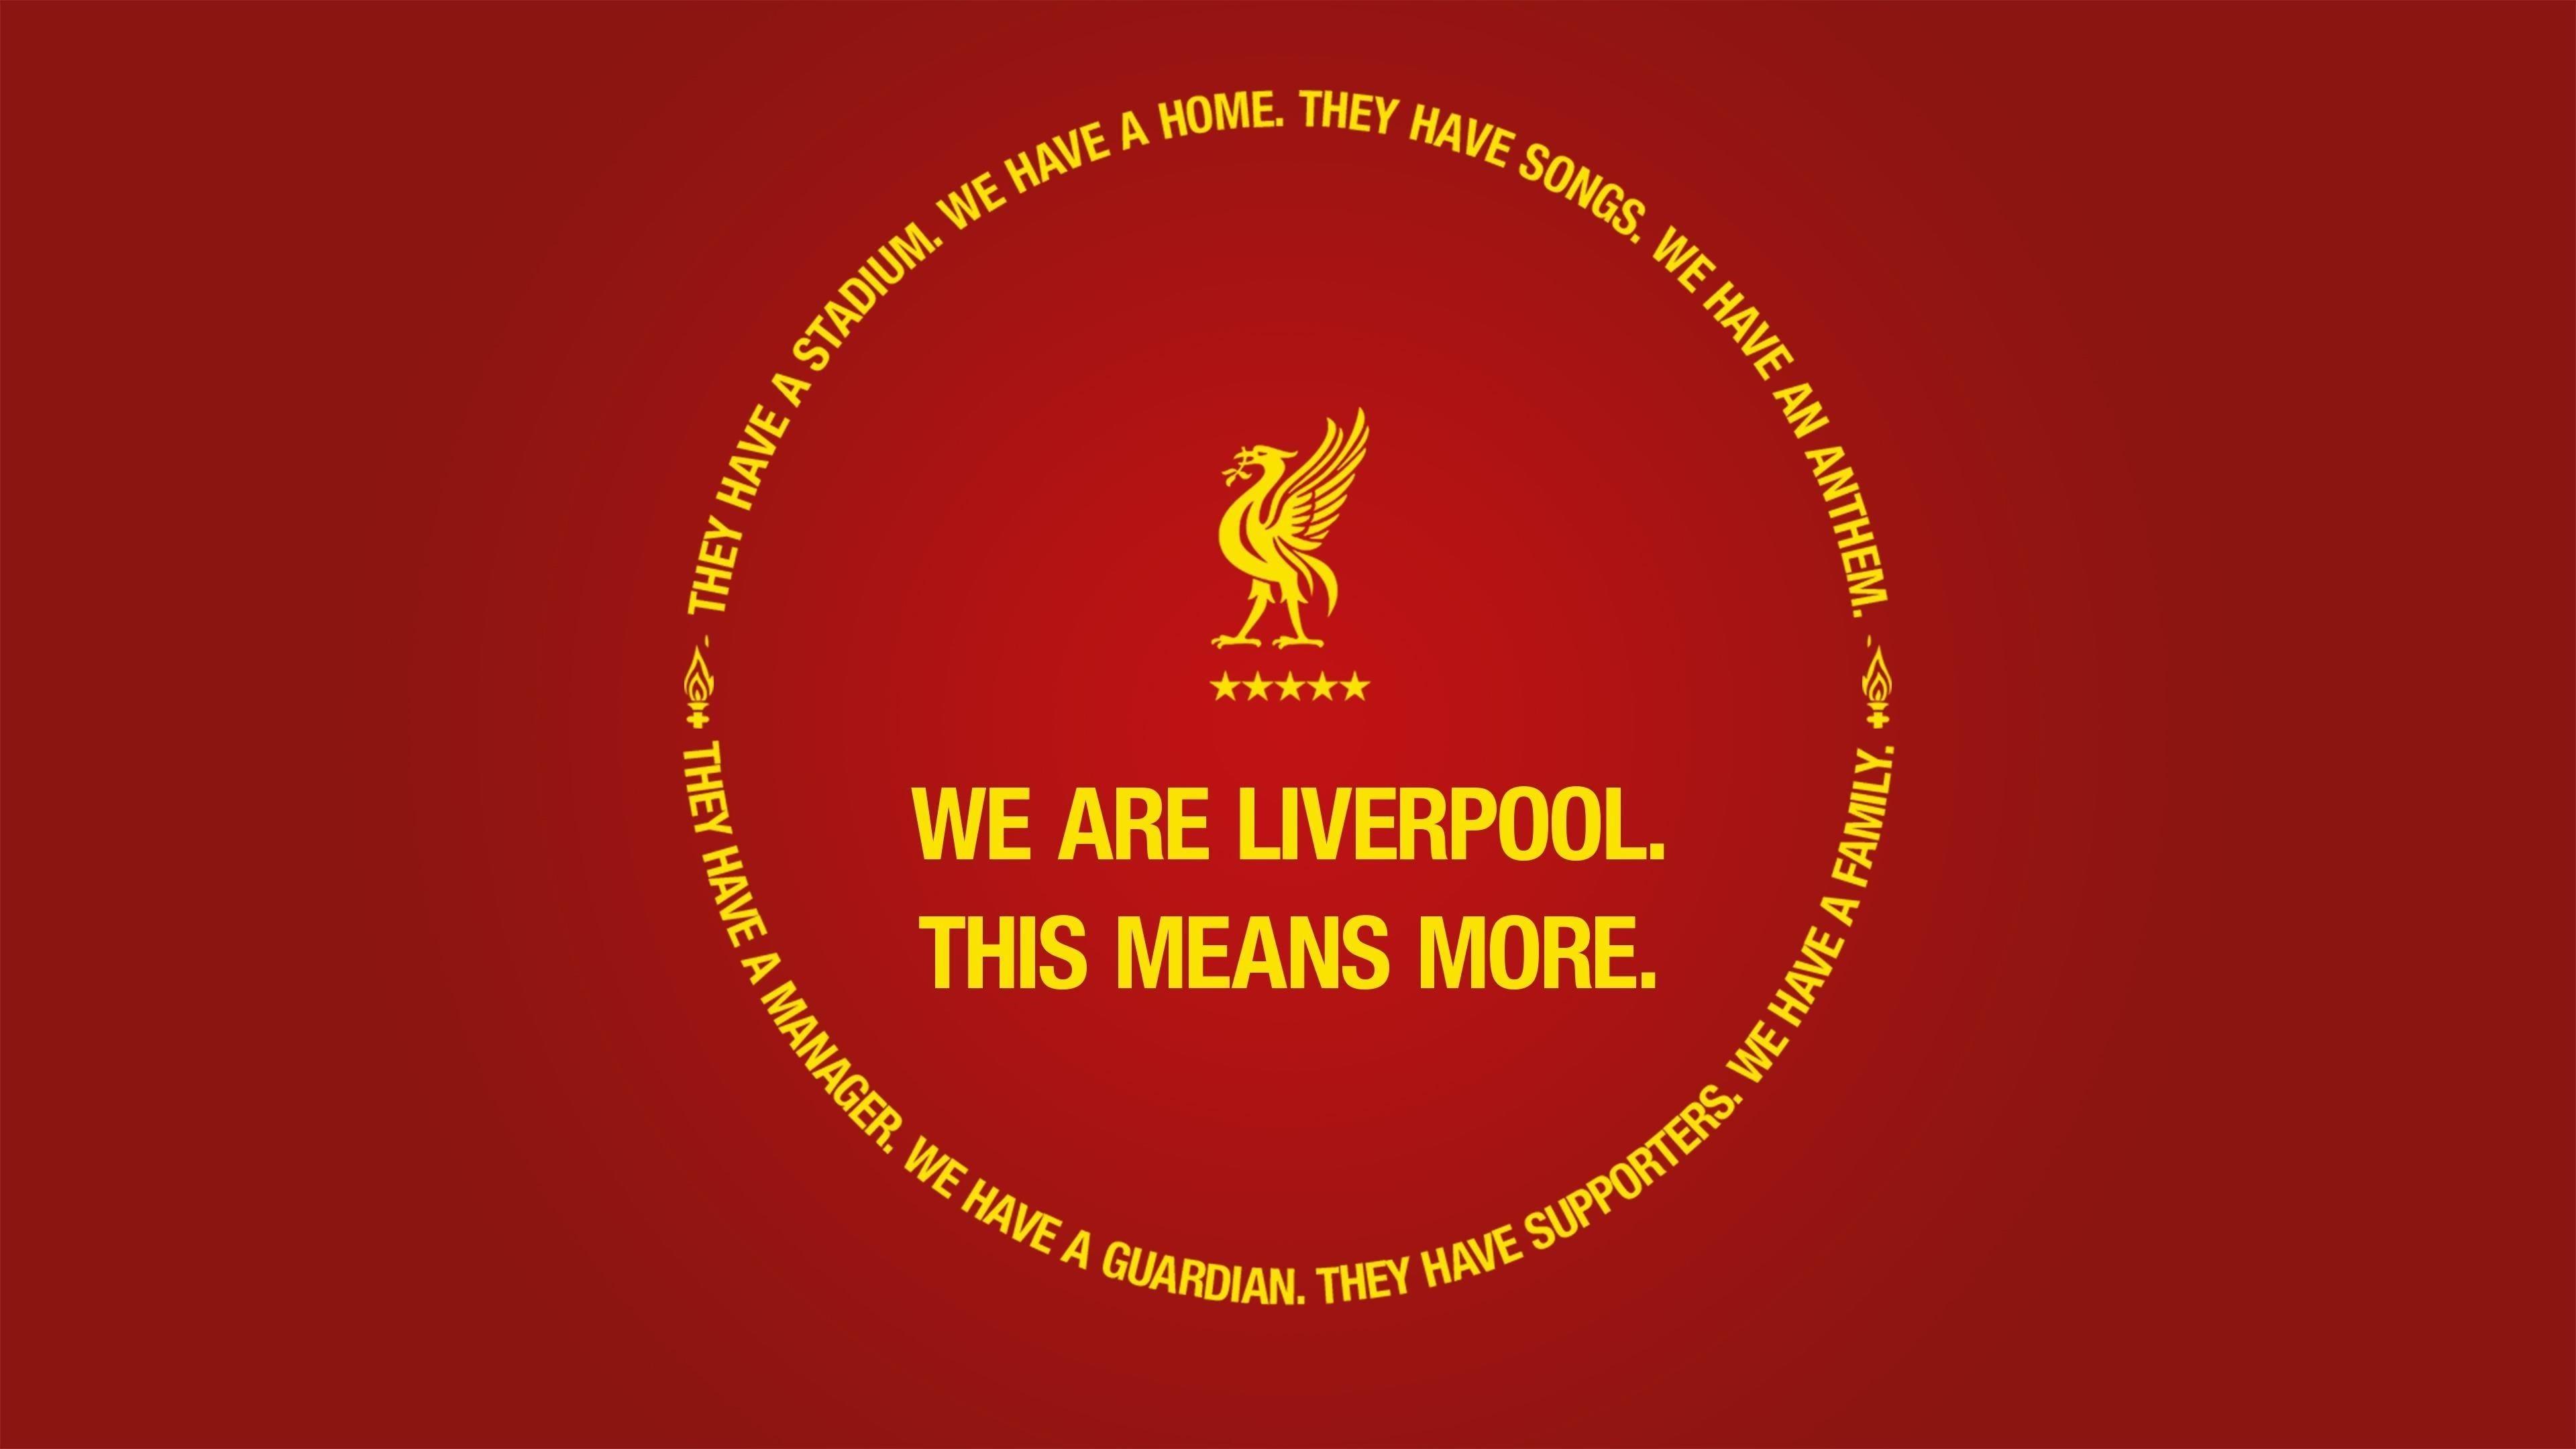 Мы Ливерпуль это значит обои скачать